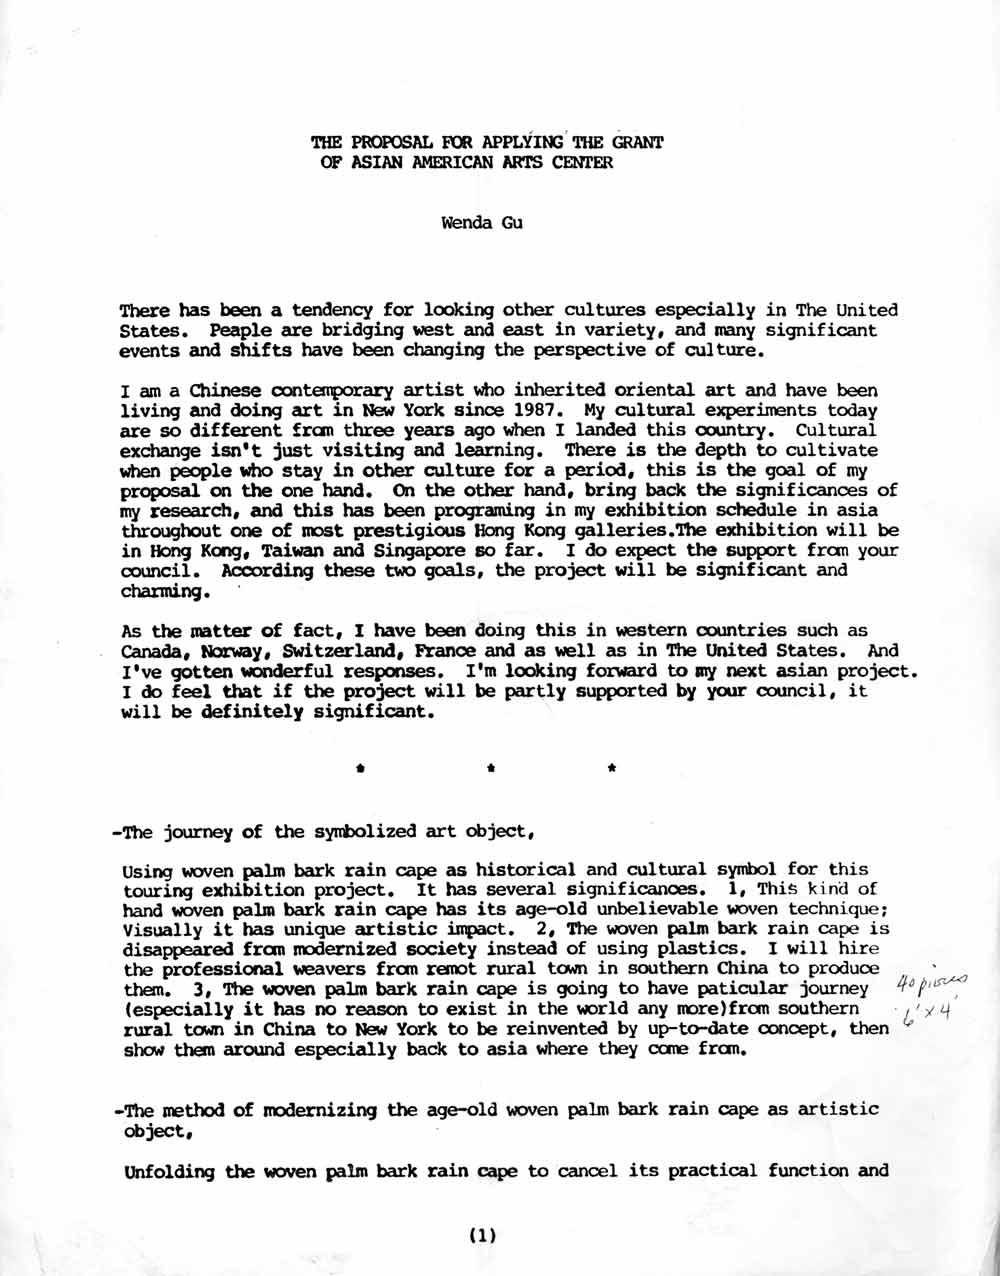 Wenda Gu proposal, pg 1